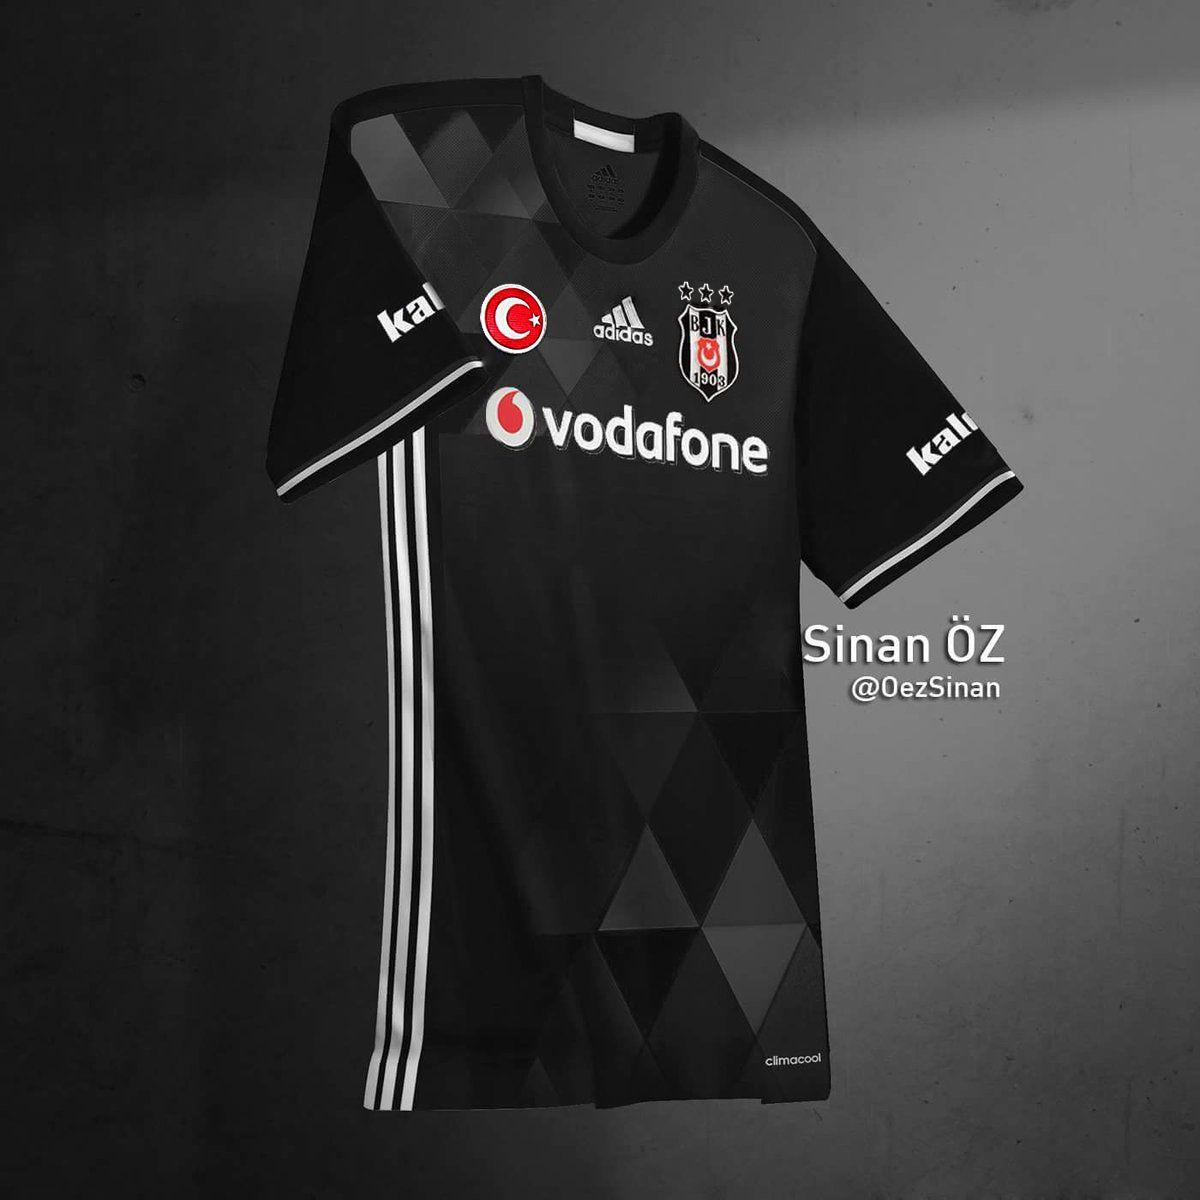 0bd603107a Besiktas JK 2017/2018 Jersey design Camisas Futebol, Equipamentos De  Futebol, Camisetas De